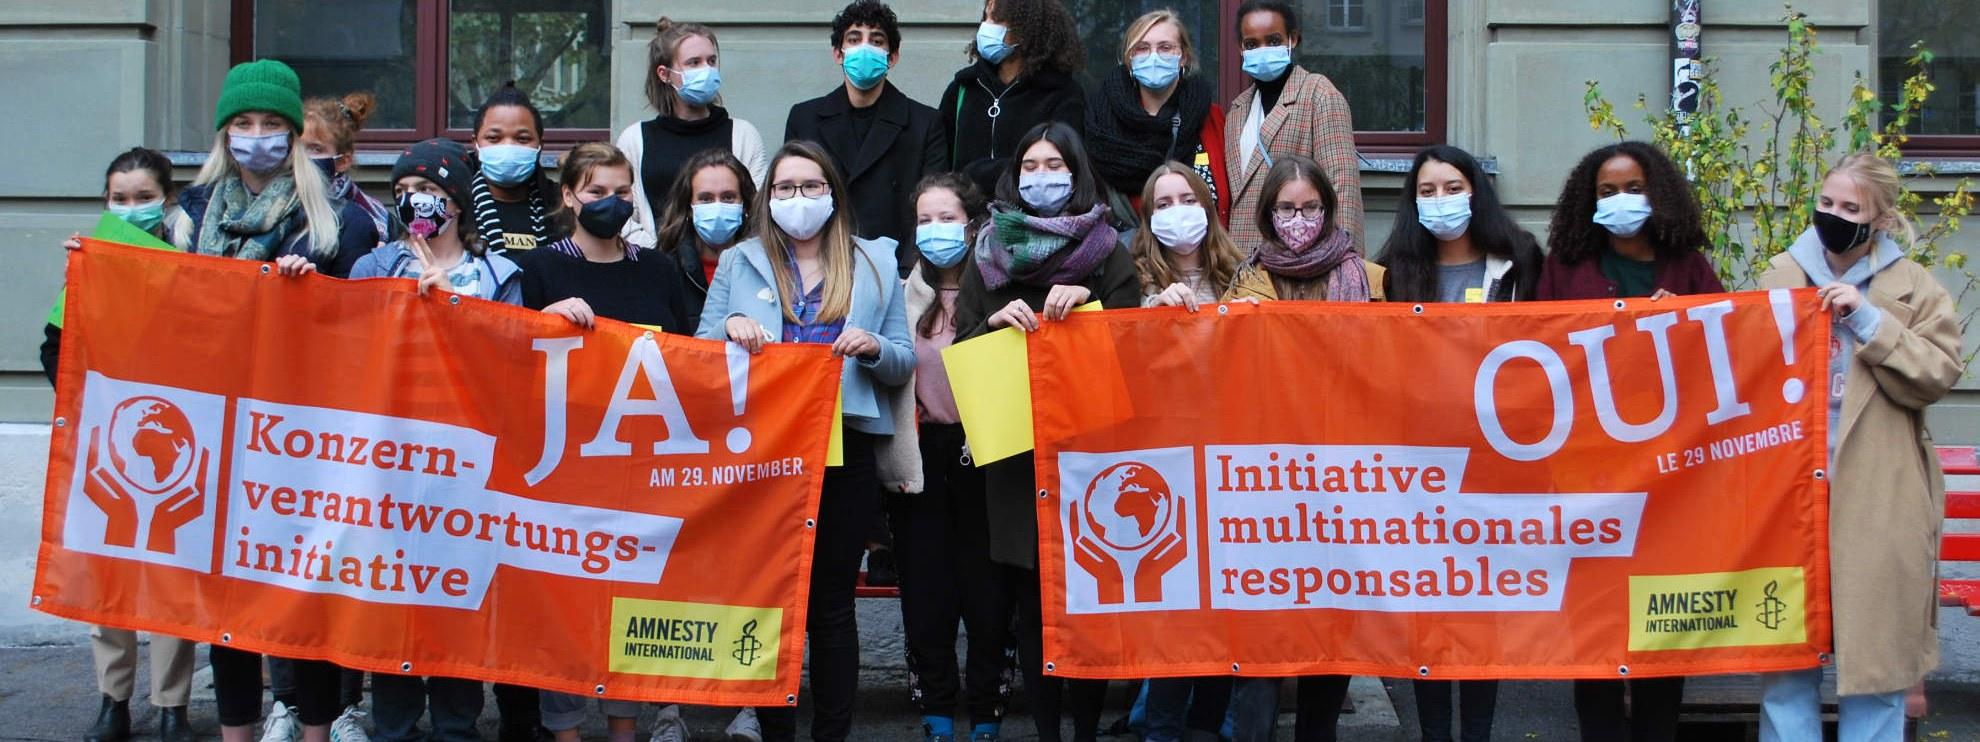 Ensemble pour les droits humains © Amnesty International